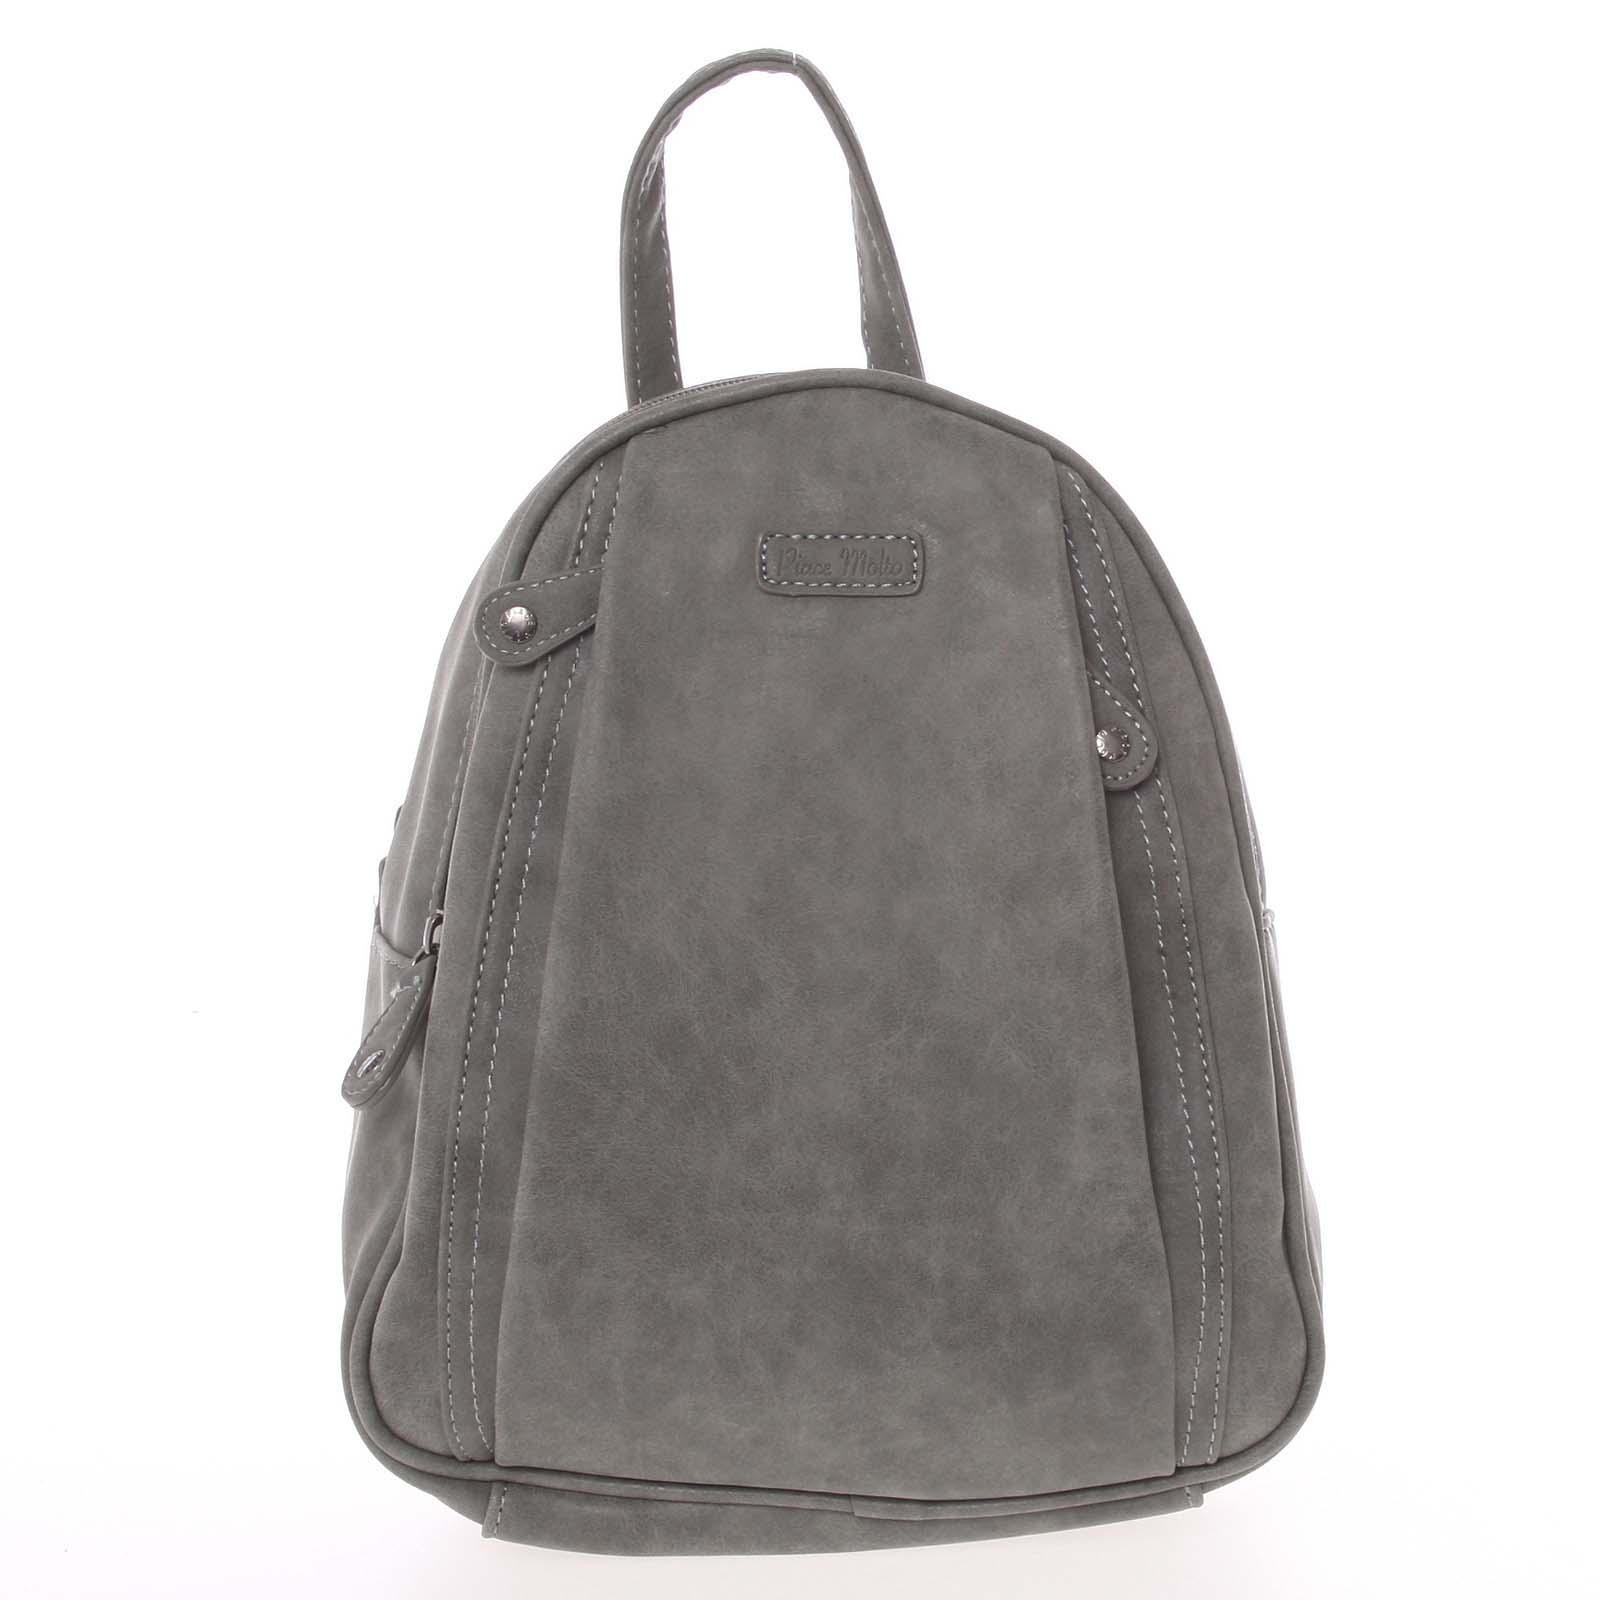 Dámský módní batůžek šedý - Piace Molto Cammi